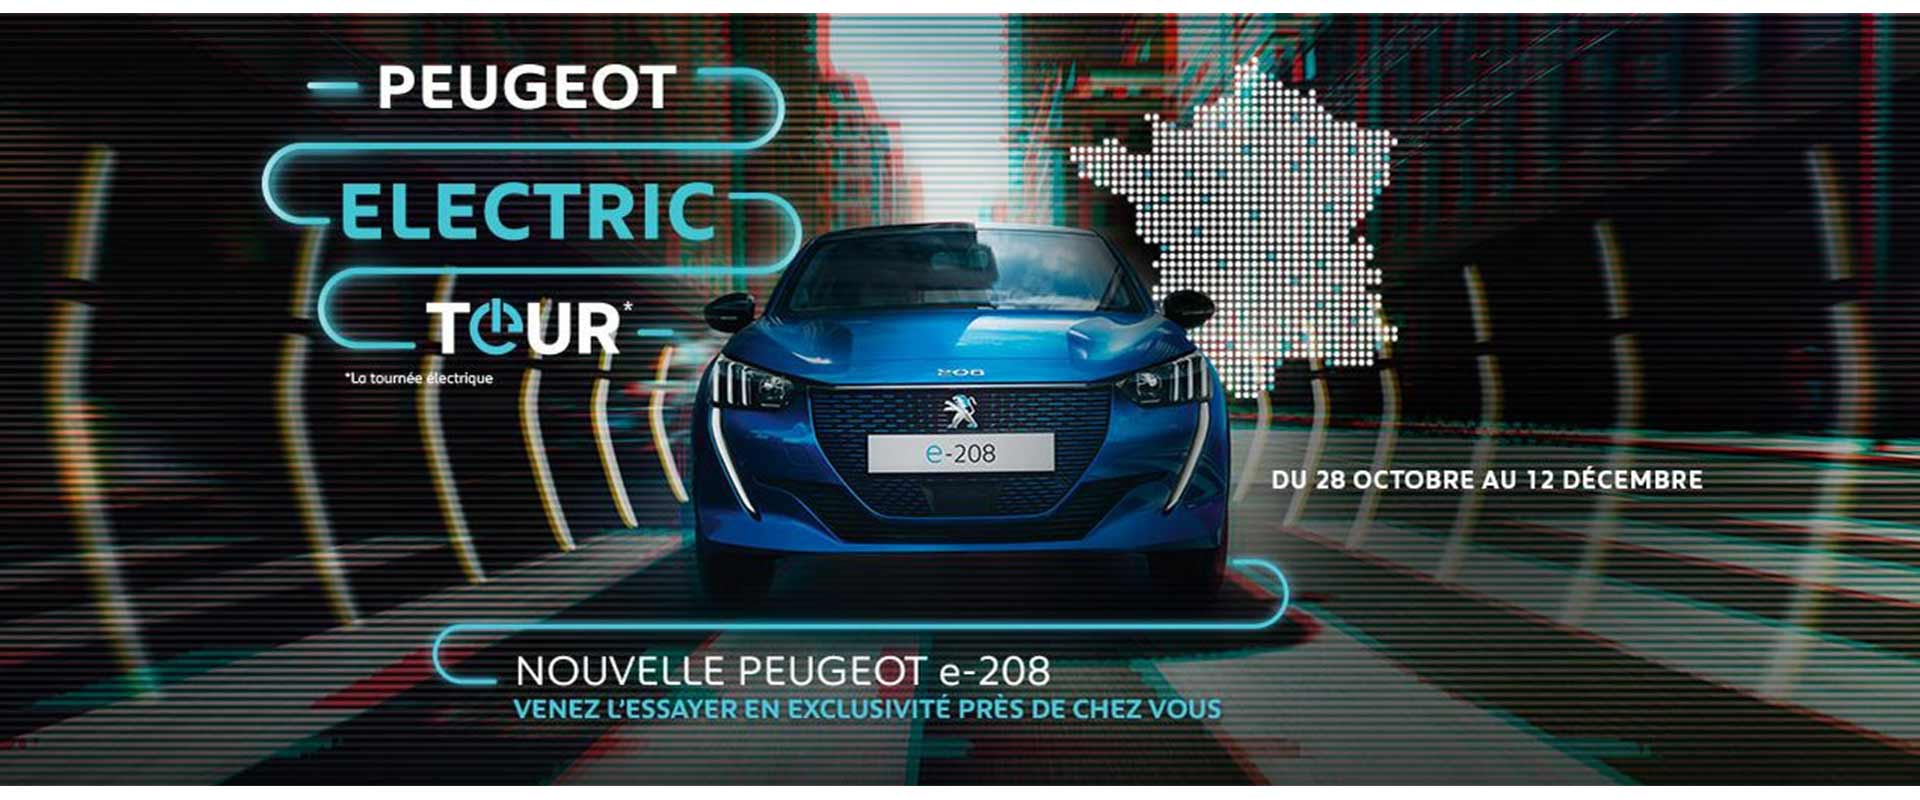 Peugeot Entretien Auto Pneus Ventes De Voitures Neufs